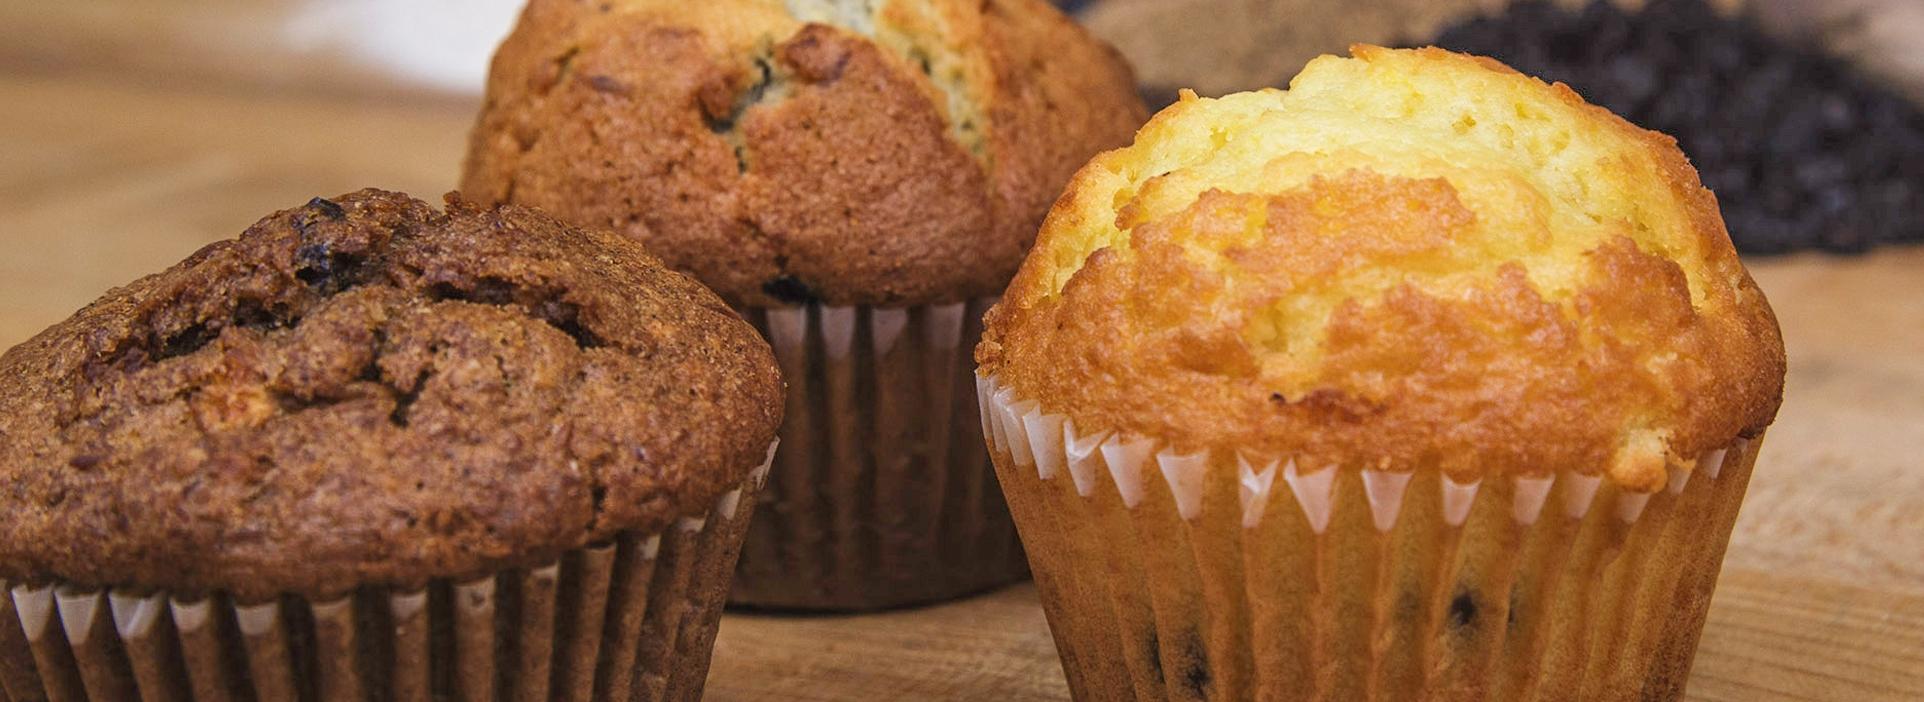 MuffinsMain_IMG_0126